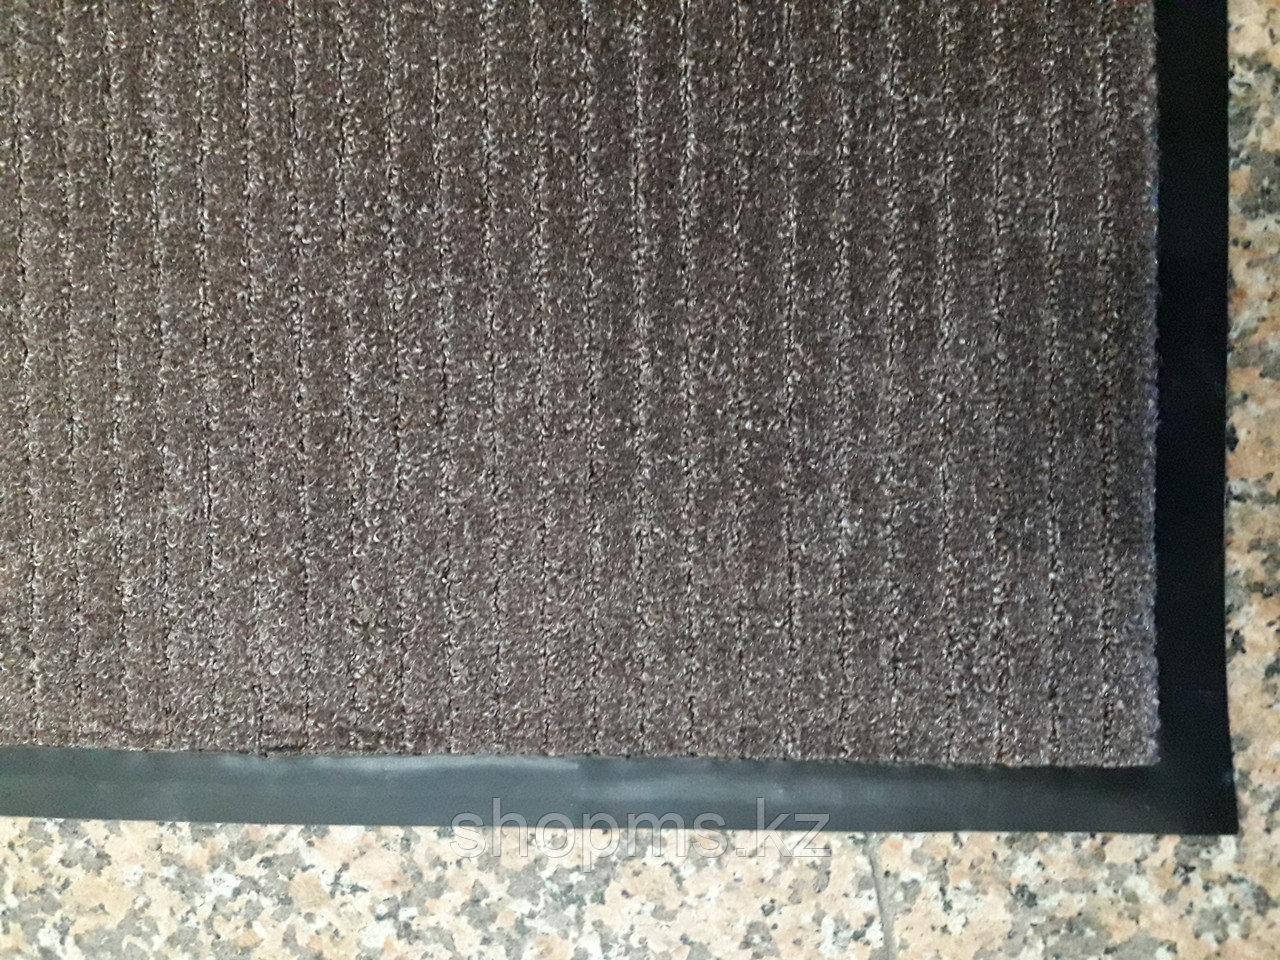 Коврик влаговпитывающий Штудгарт коричнев. 40*60 см